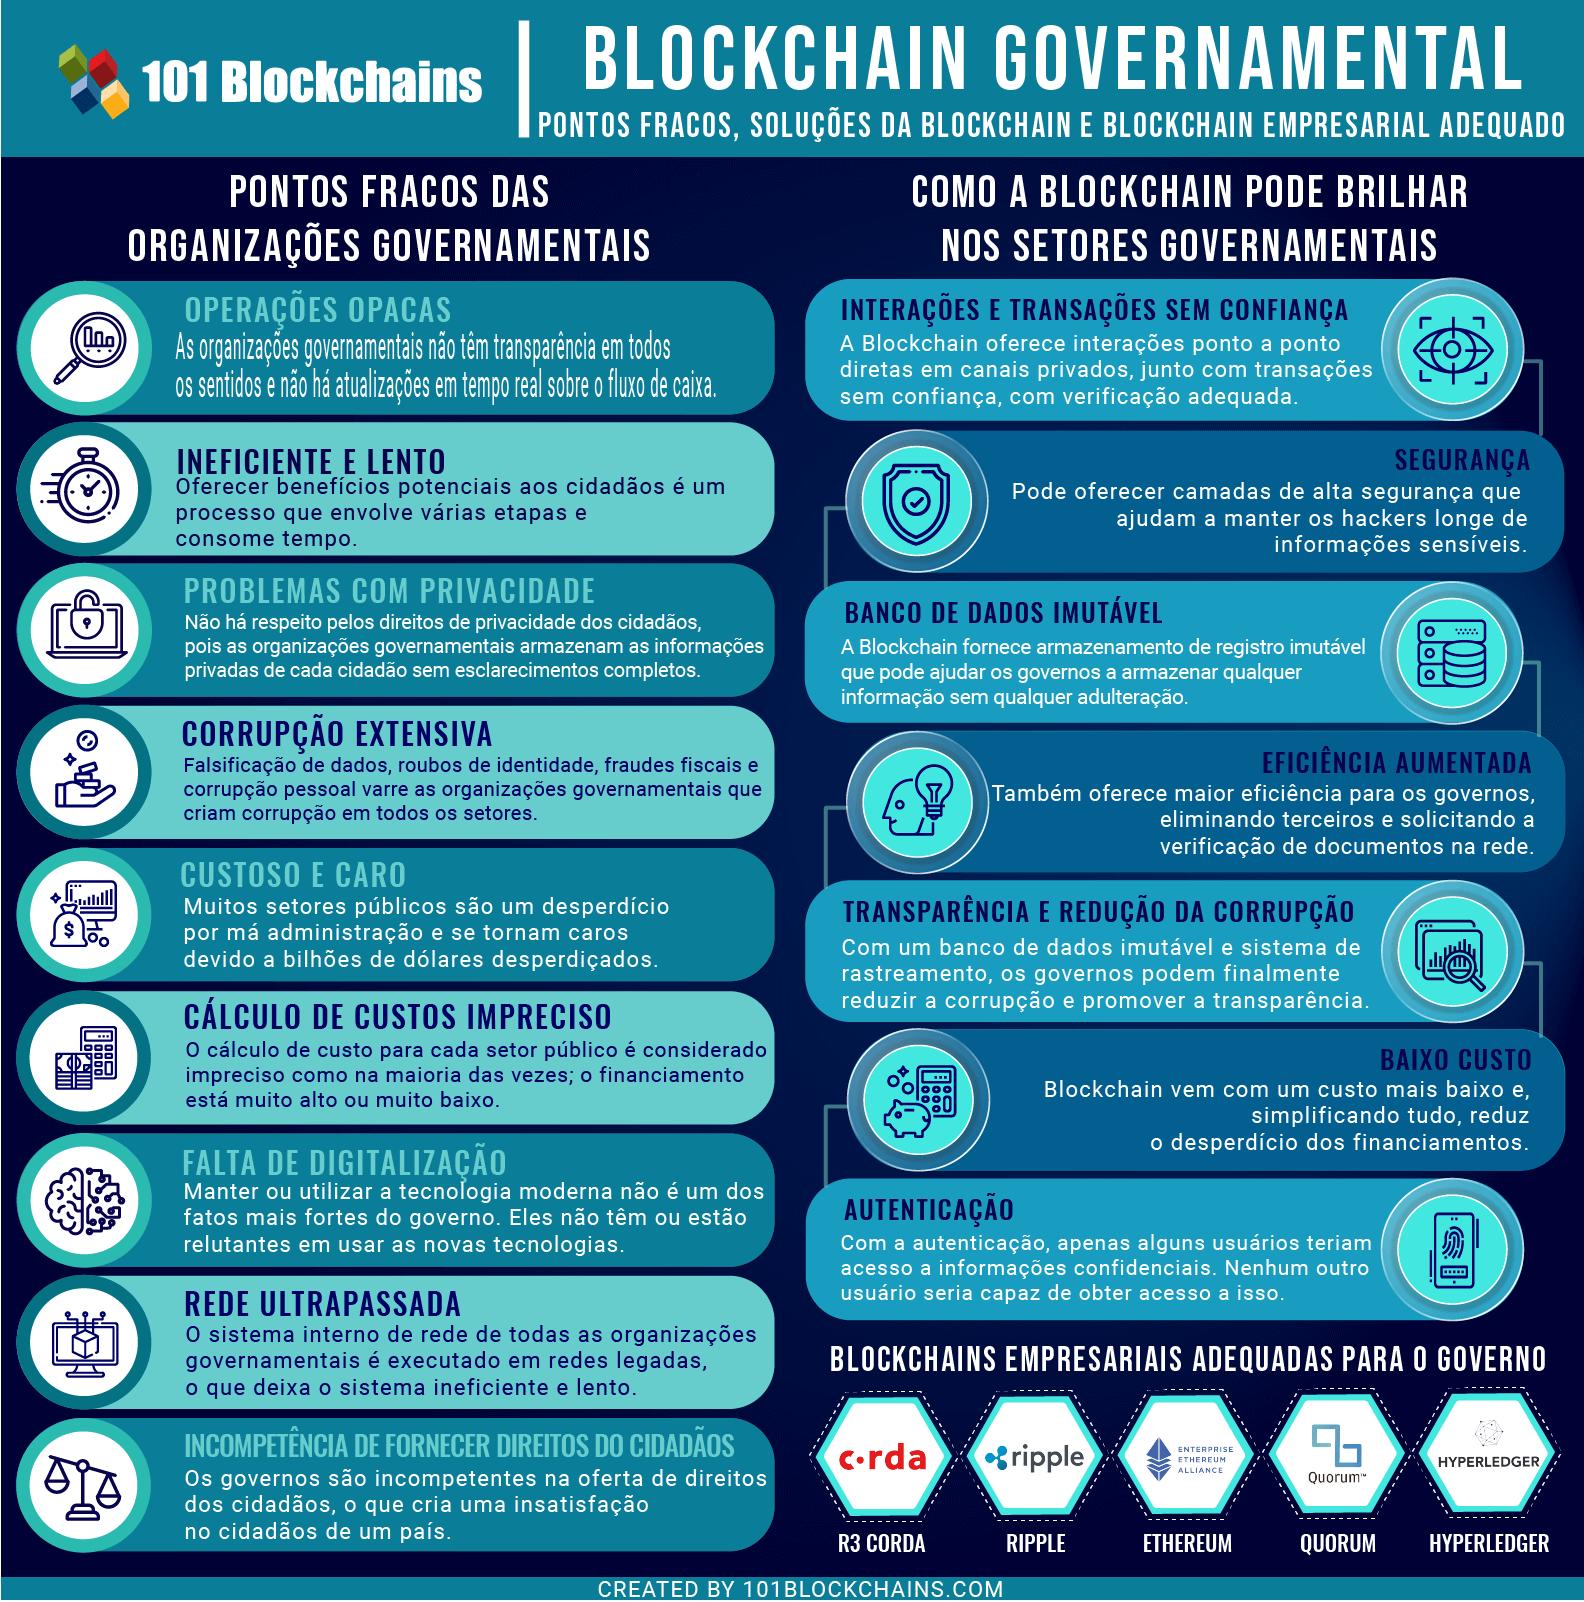 Blockchain Governamental 1 - Pontos fracos, SoluçΣes da Blockchain e Blockchain empresarial adequado